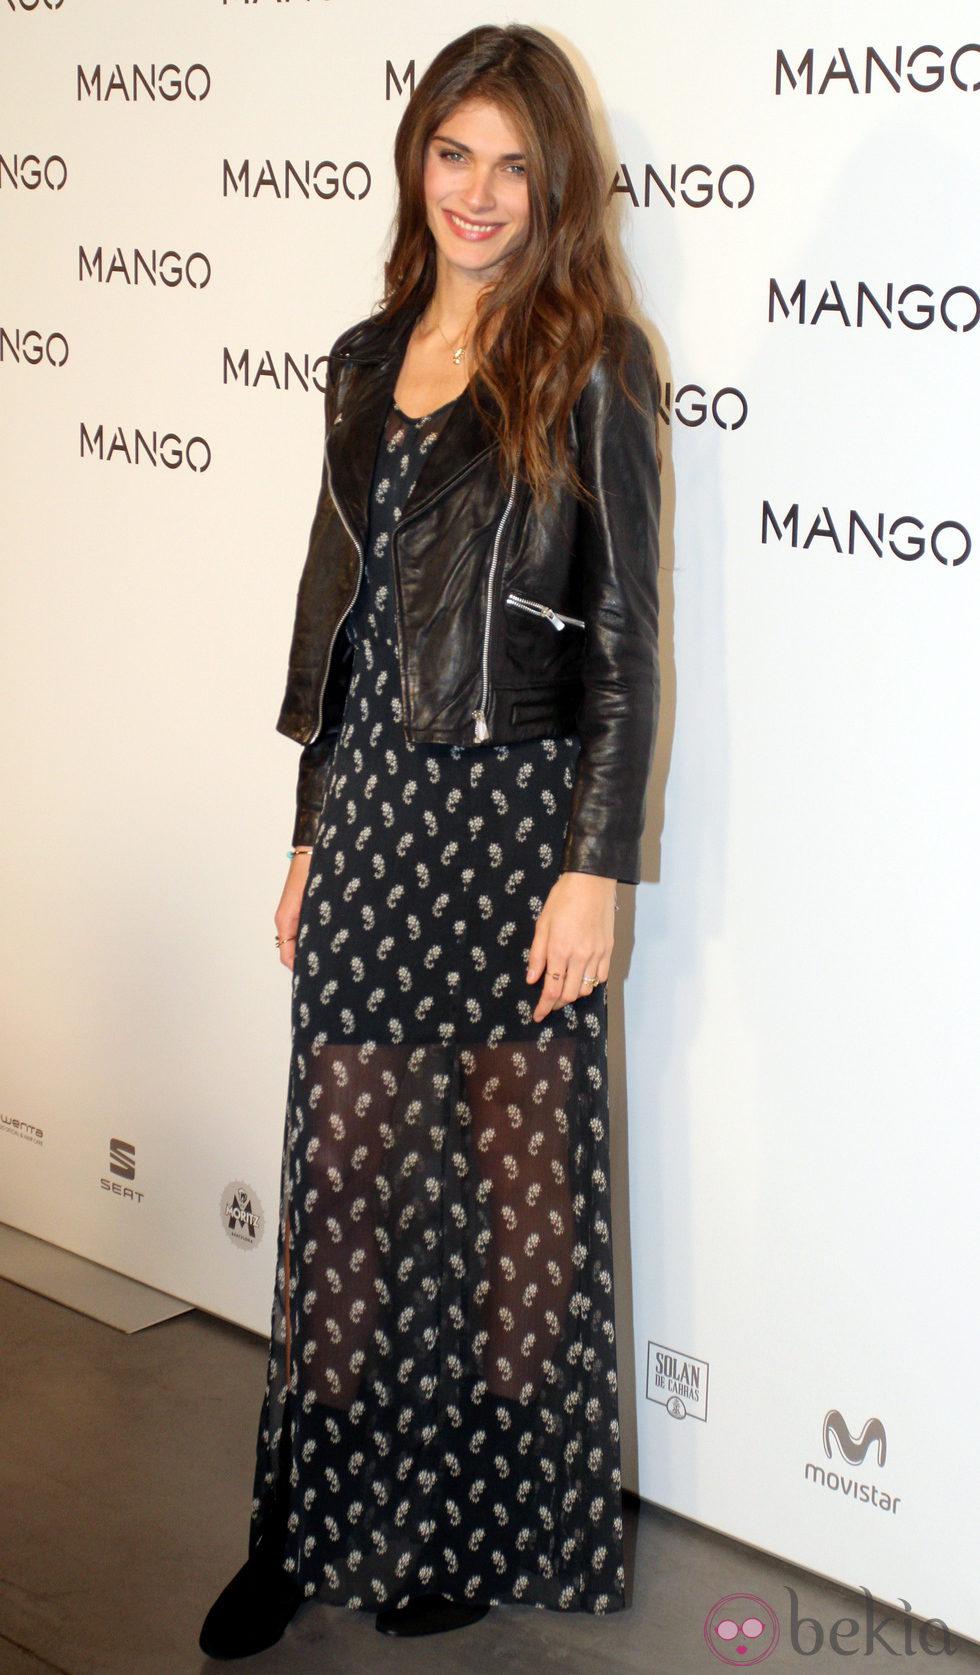 Elisa Sednaoui en el desfile de Mango en 080 Barcelona fashion primavera/verano 2015